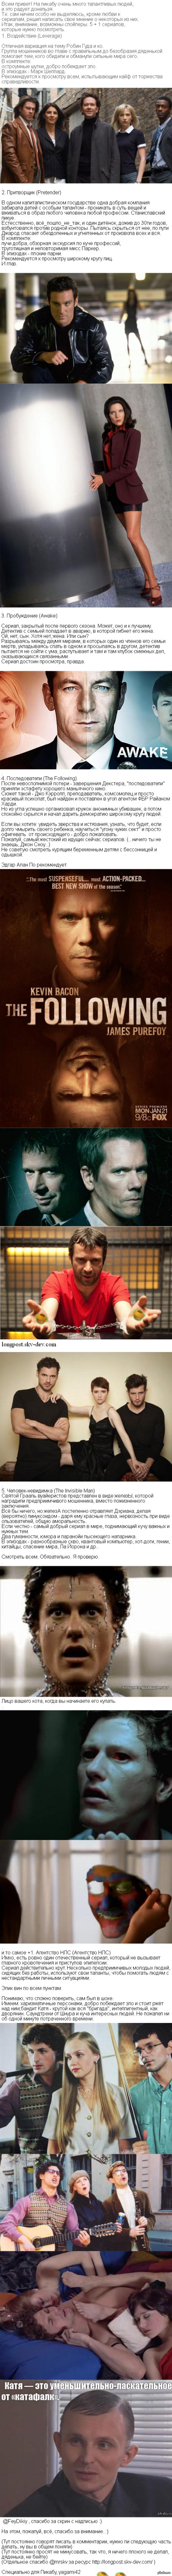 5 плюс 1 Сериалов Несколько сериалов, которые можно посмотреть.